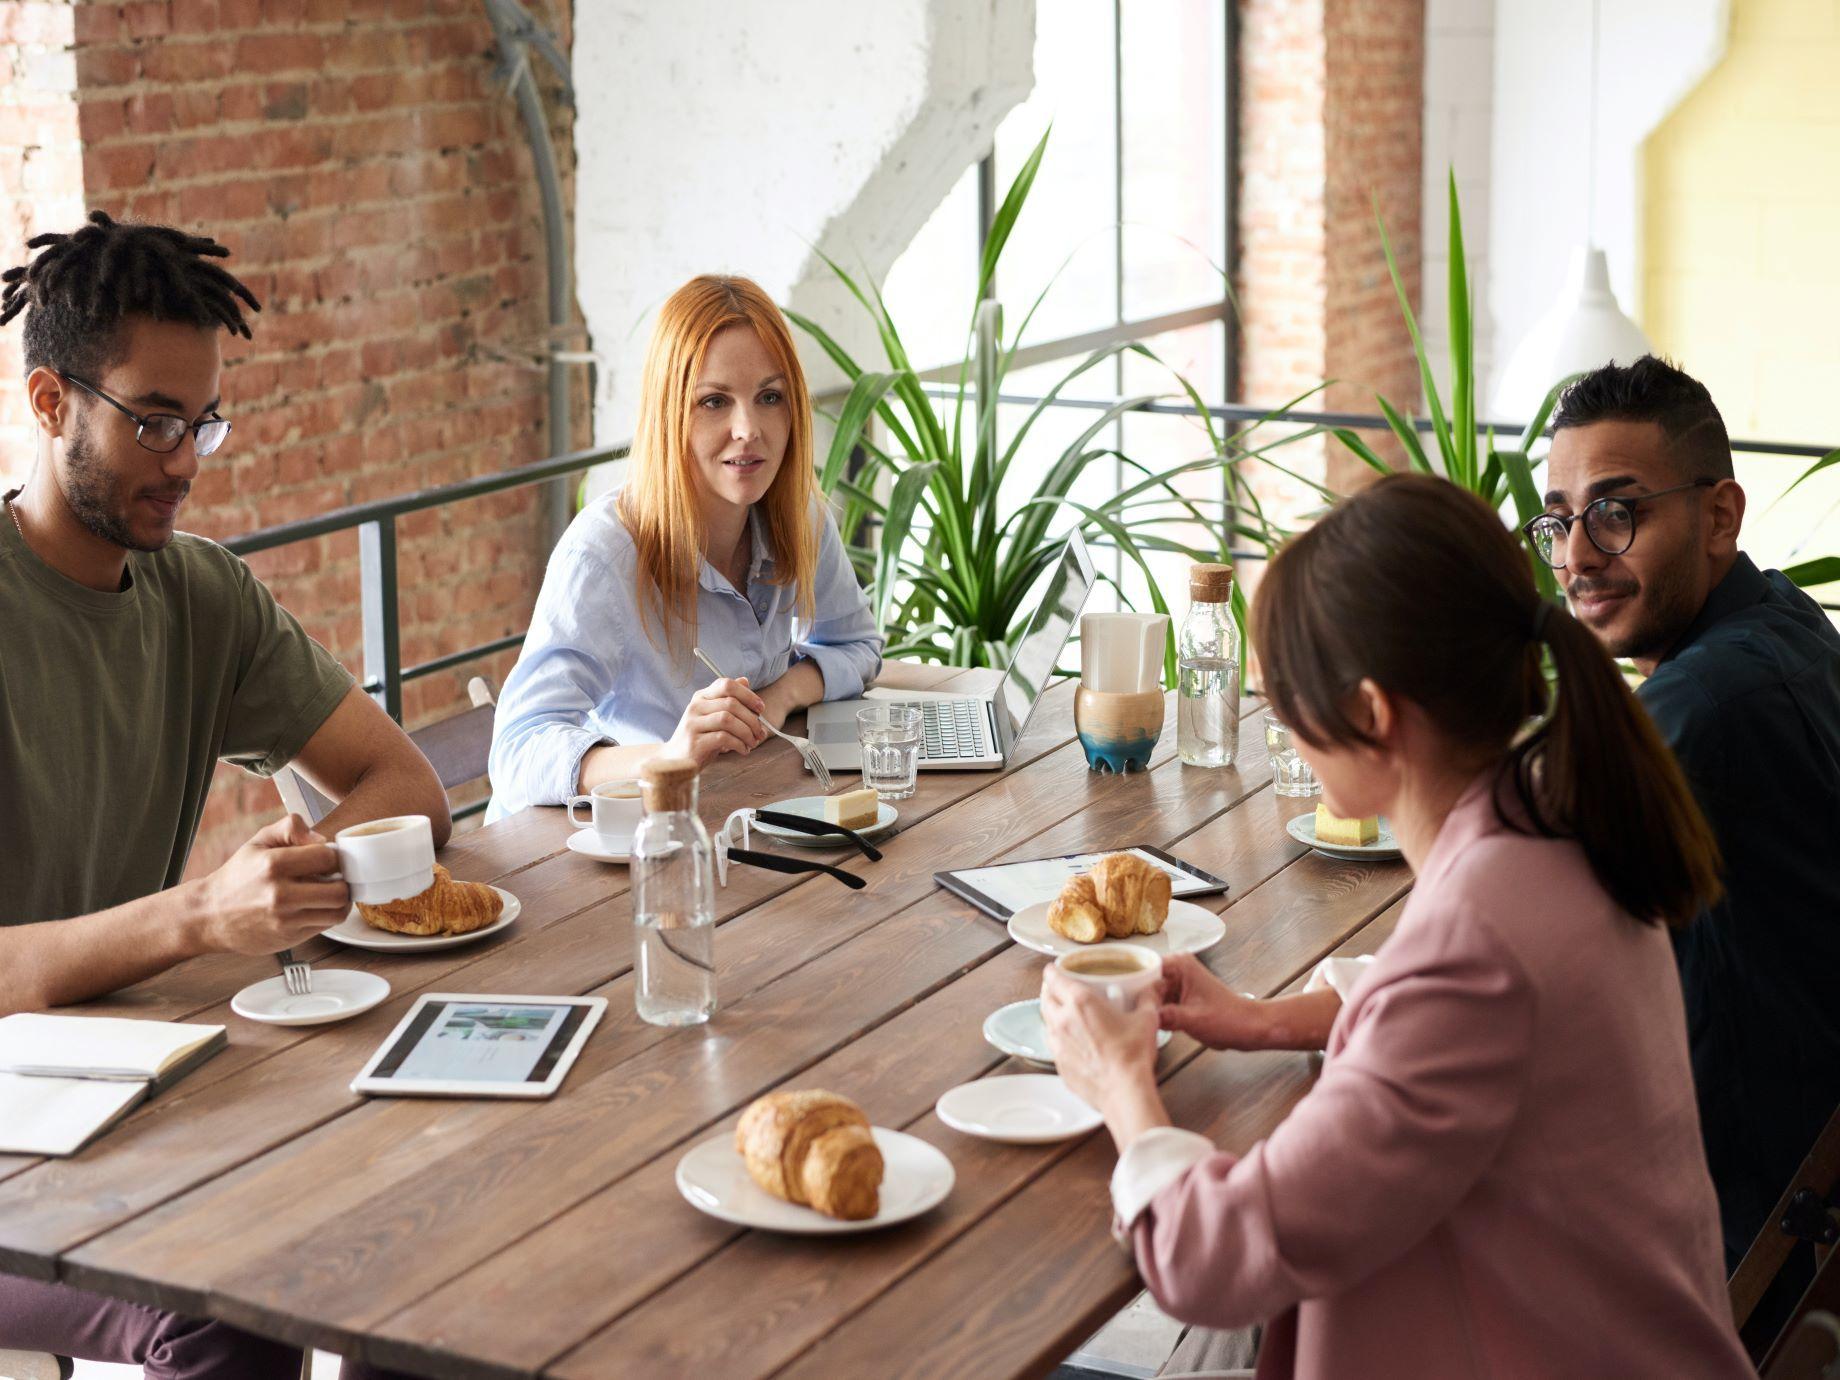 該怎麼打破飯局沉默,拉近和客戶距離?從「食物」下手,不再成為話題句點王!